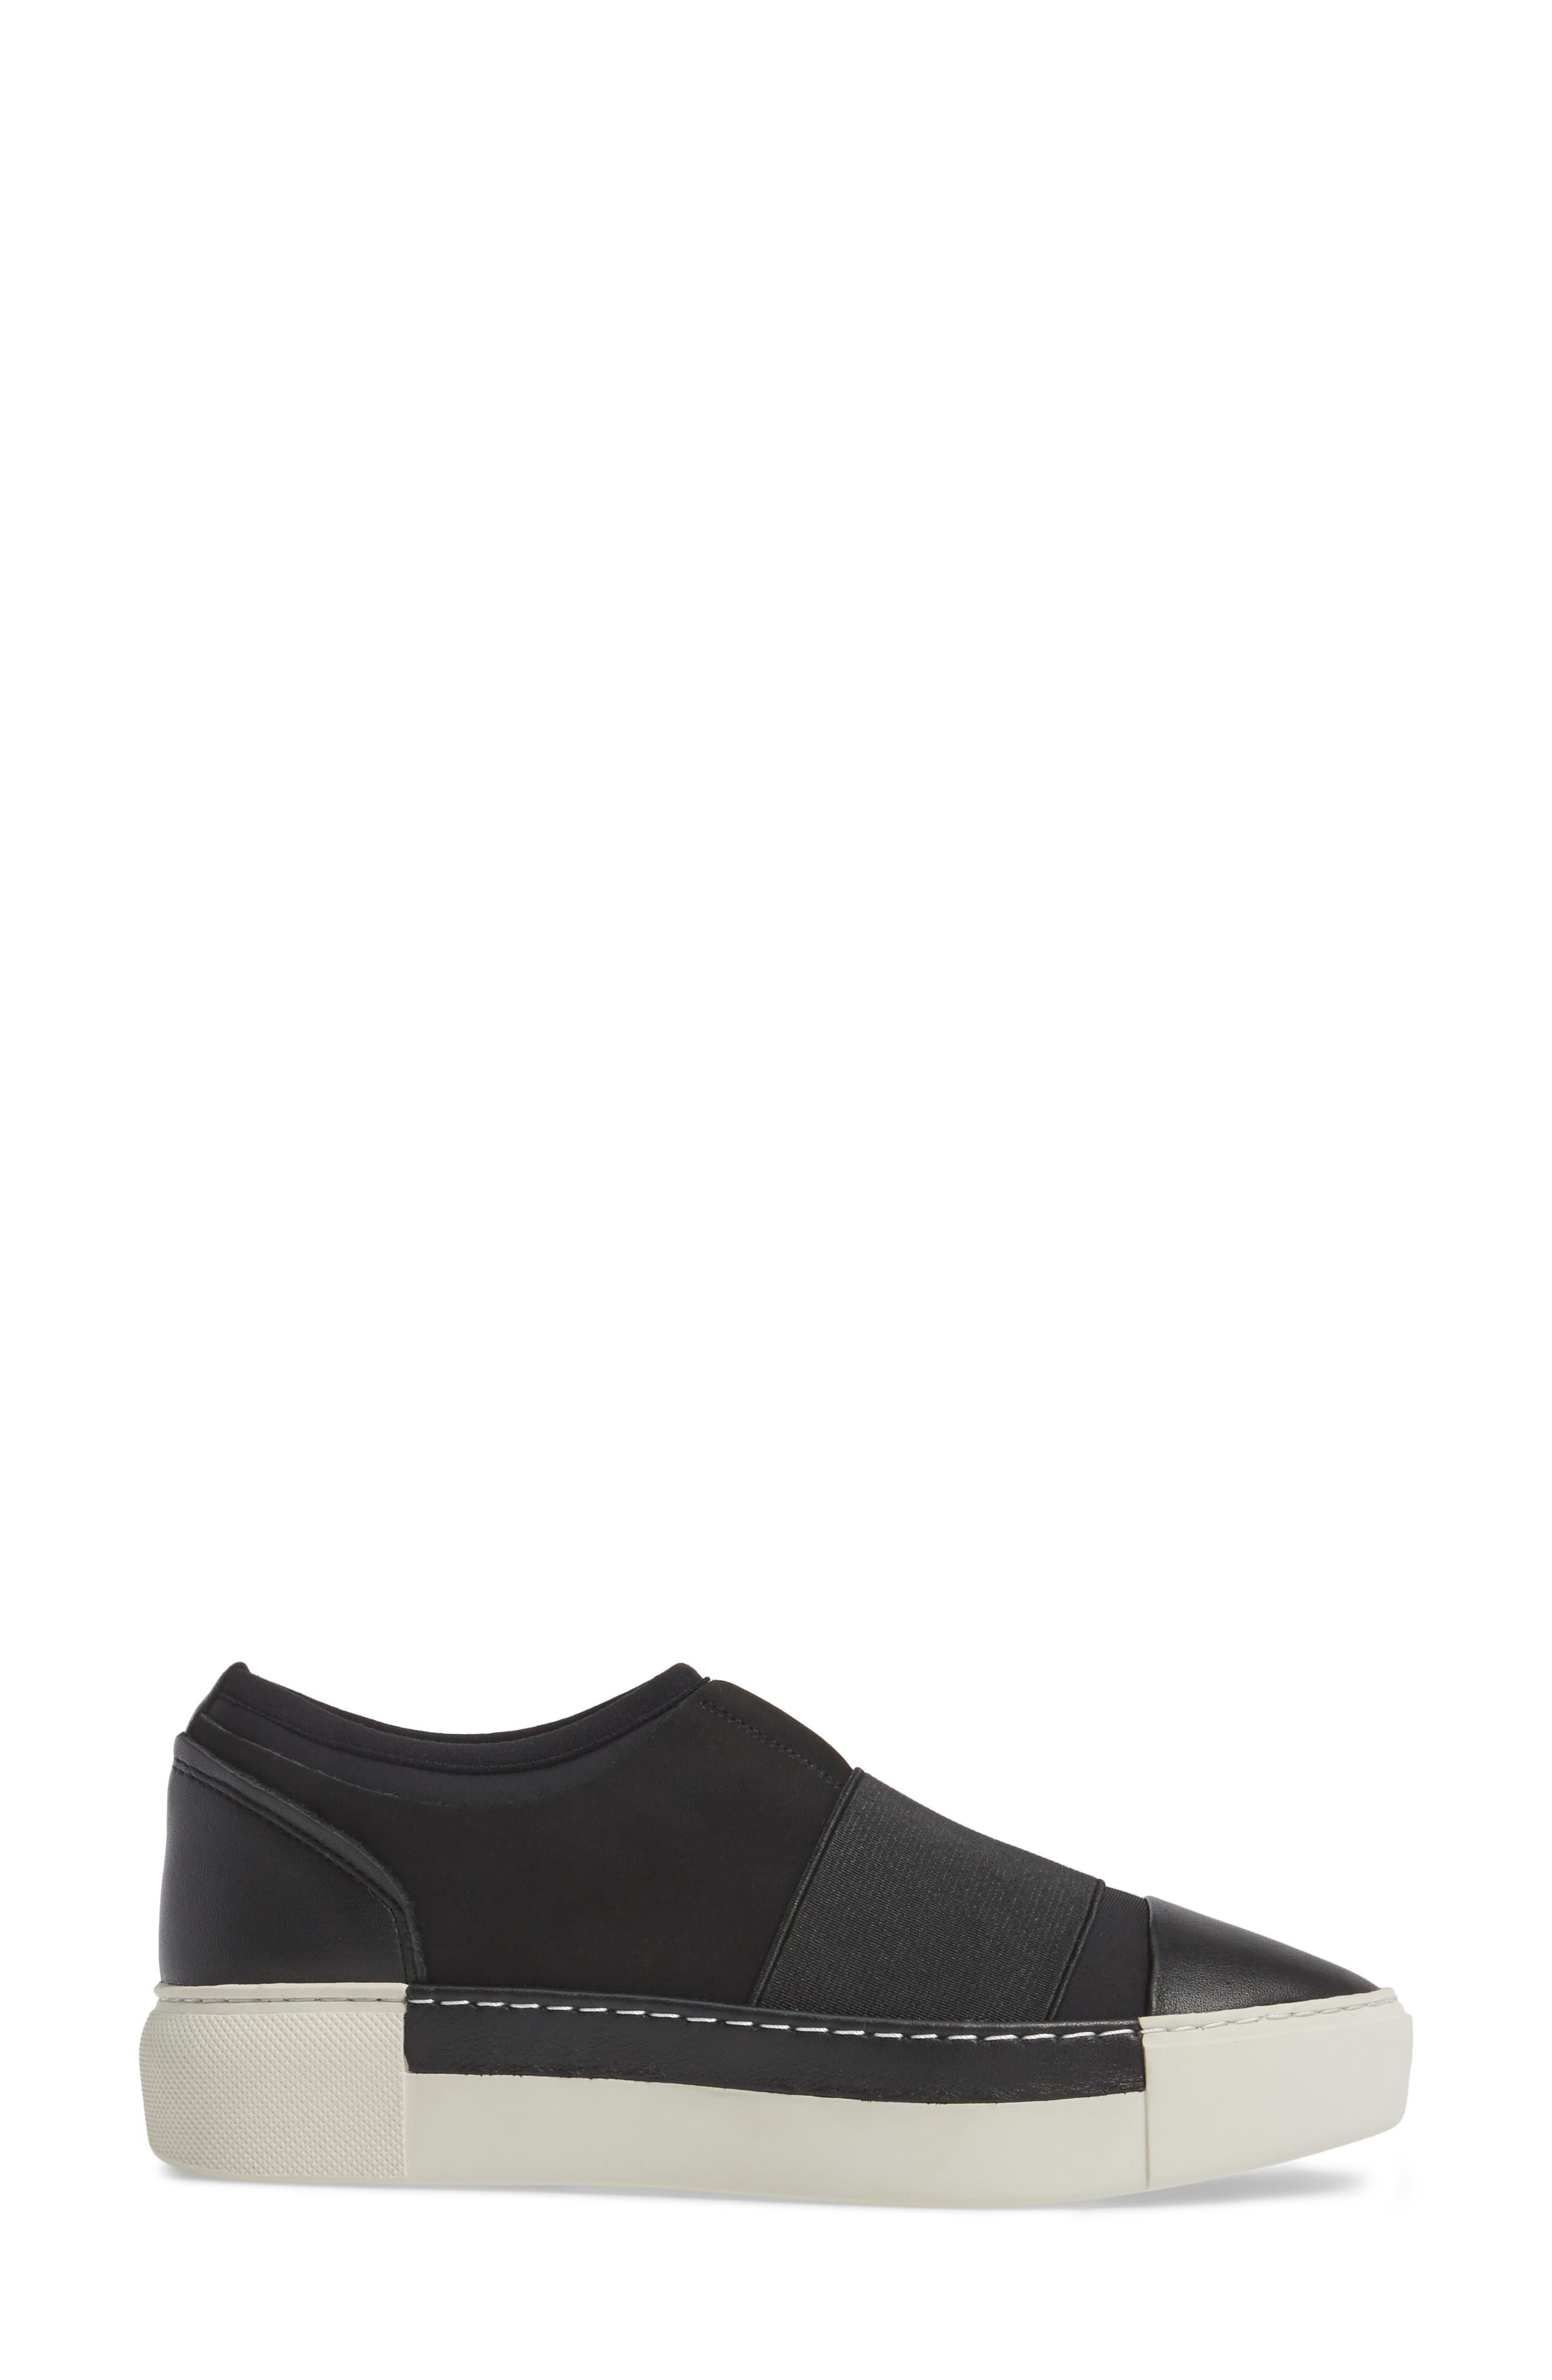 Voila Slip-On Sneaker,                             Alternate thumbnail 3, color,                             015